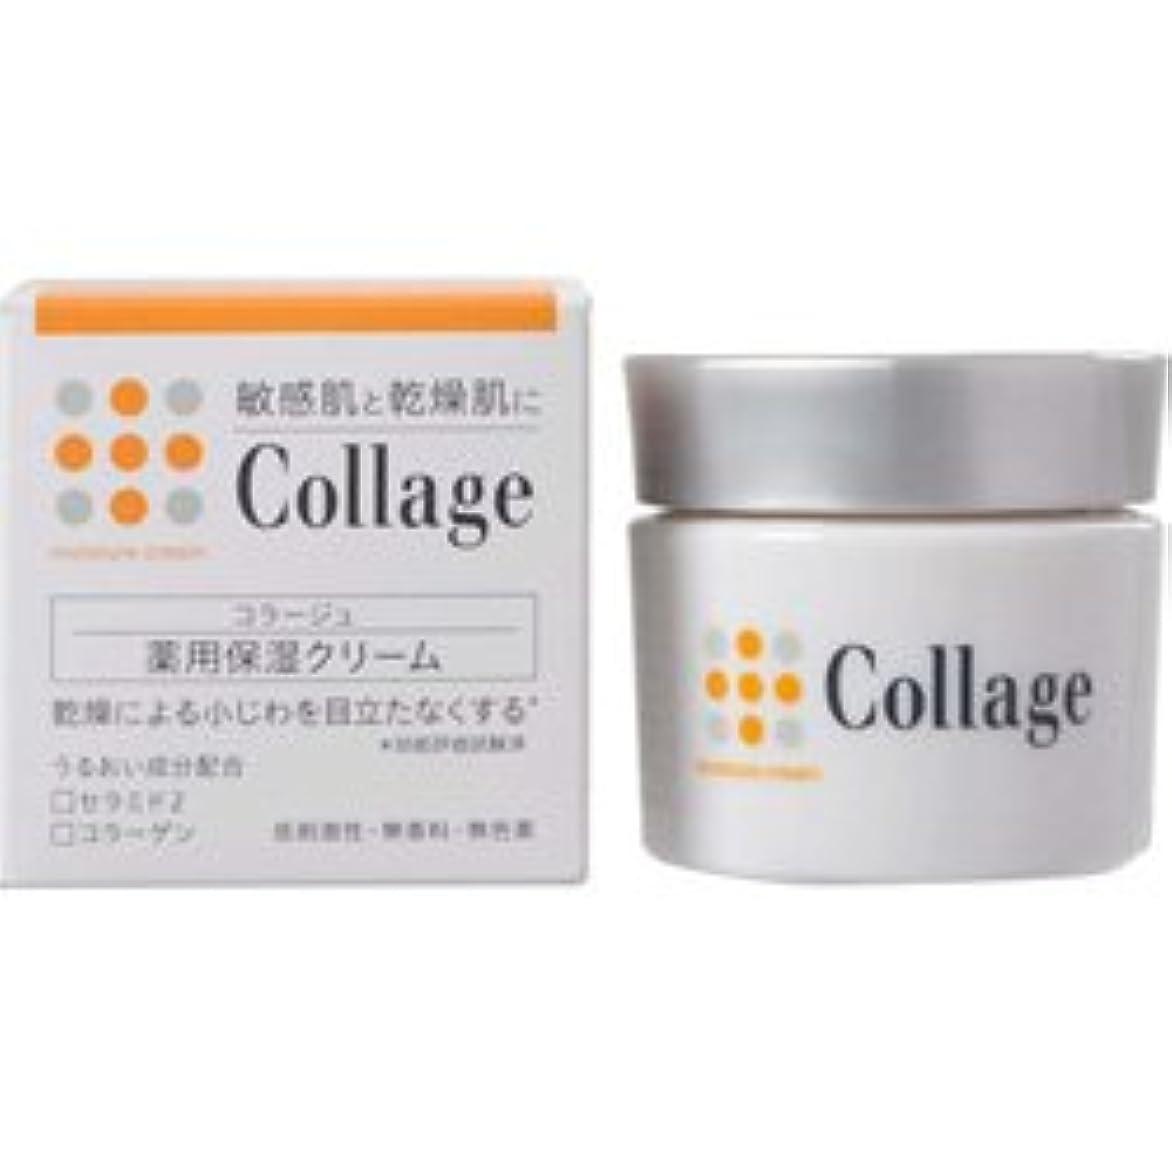 【持田ヘルスケア】 コラージュ薬用保湿クリーム 30g (医薬部外品) ×5個セット